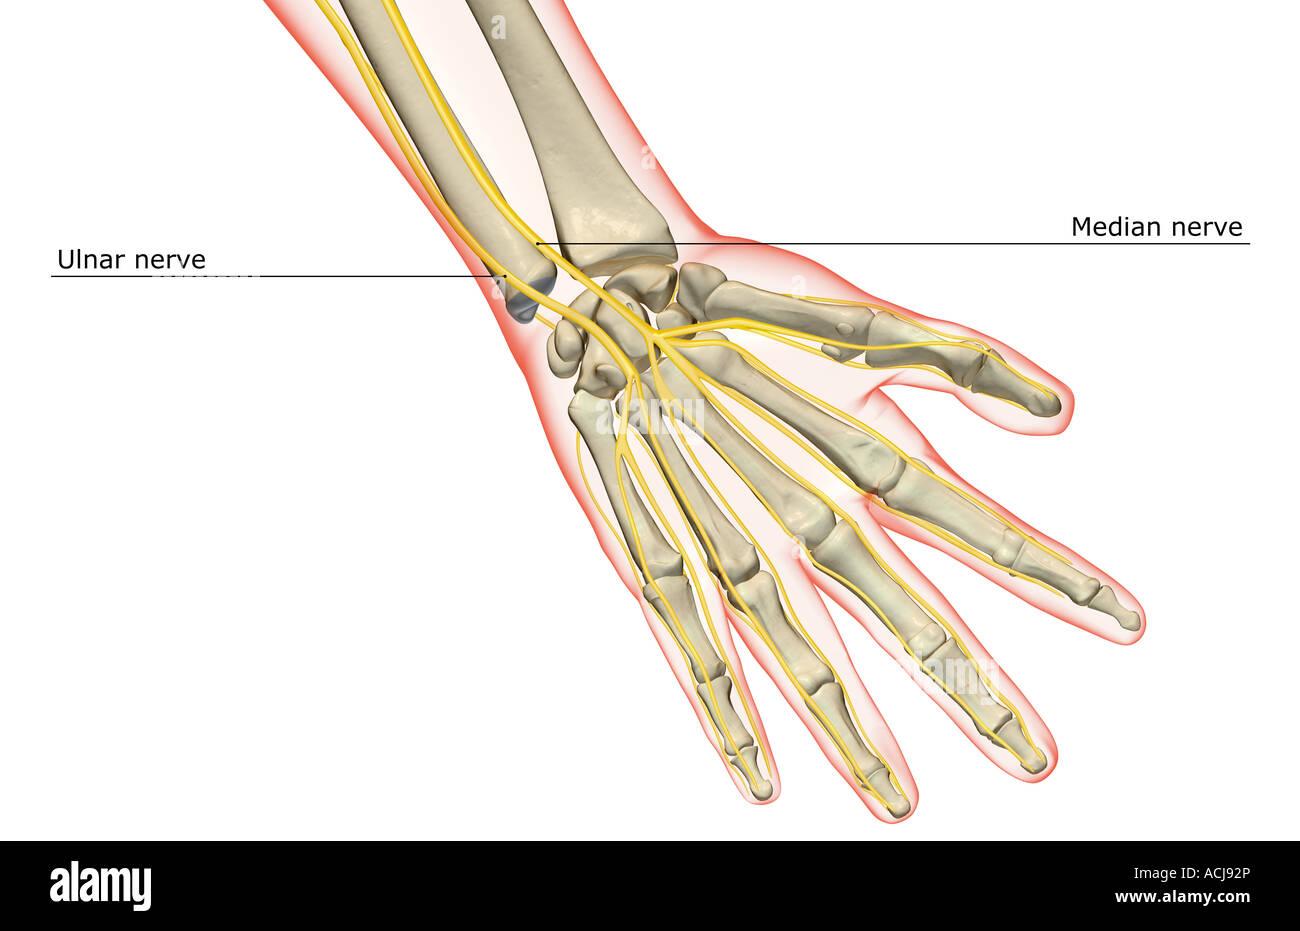 Ausgezeichnet Nerven In Der Hand Ideen - Menschliche Anatomie Bilder ...